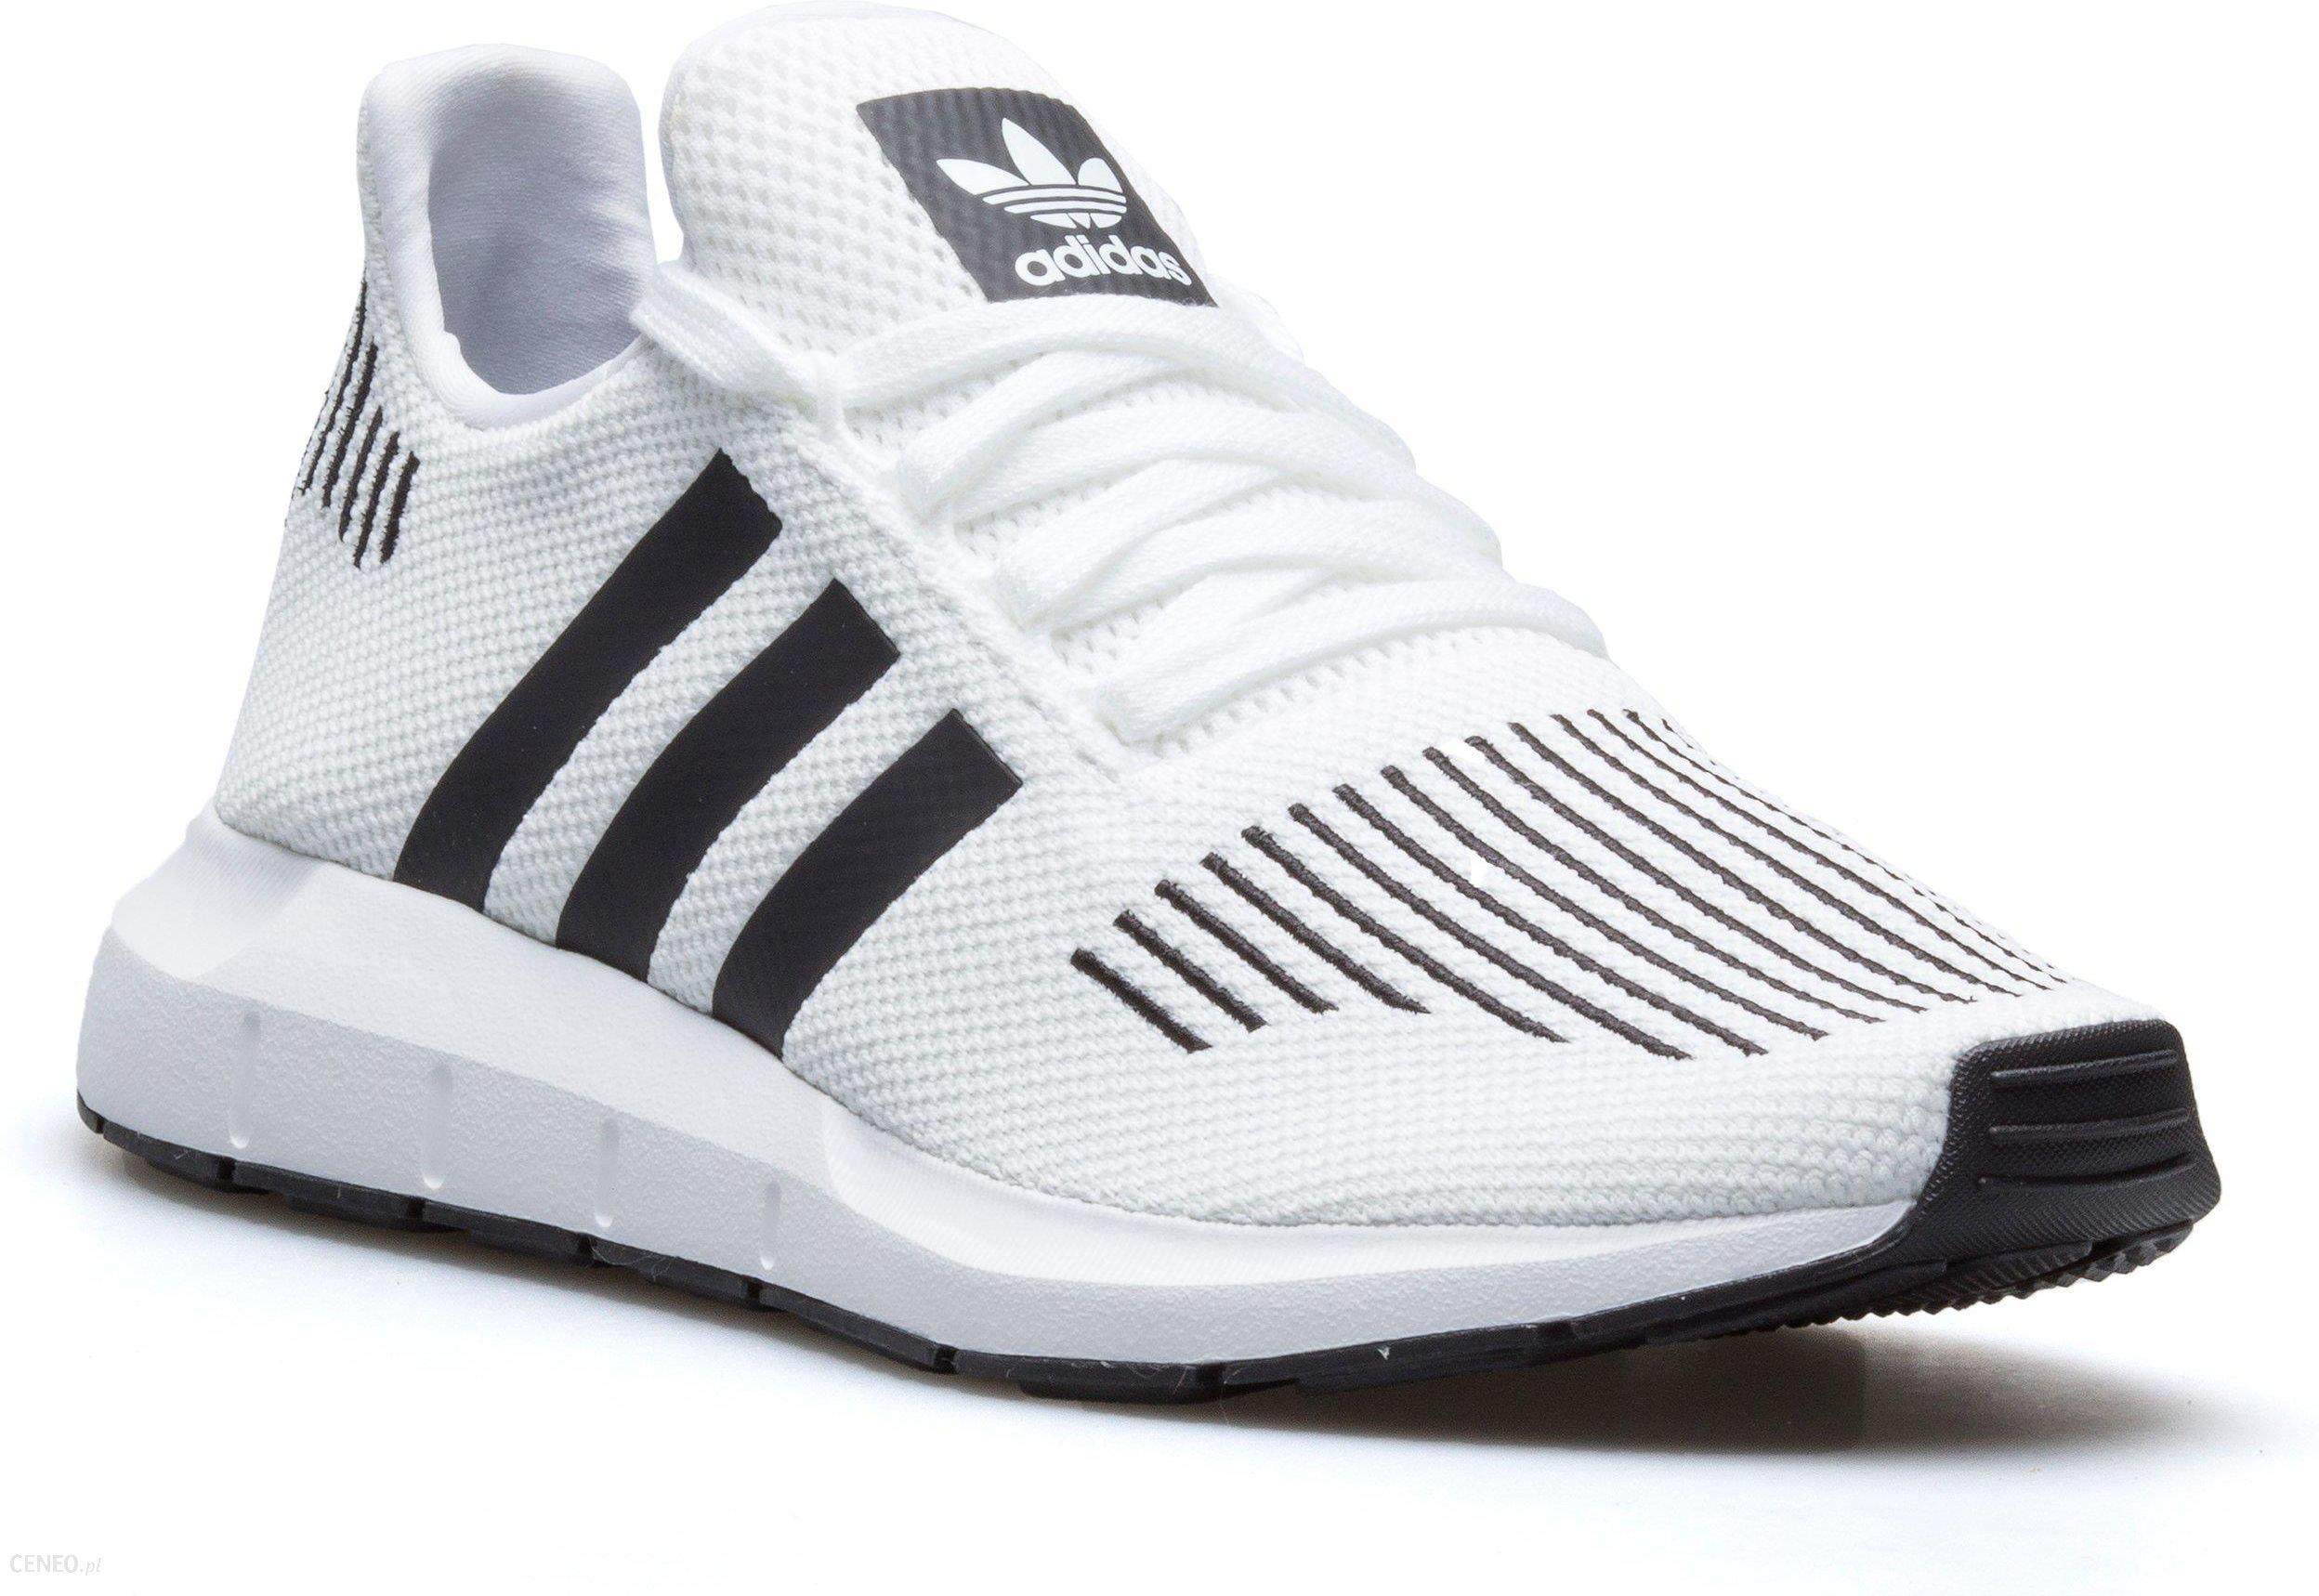 Buty mskie adidas Essen St 1 Ceny i opinie Ceneo.pl